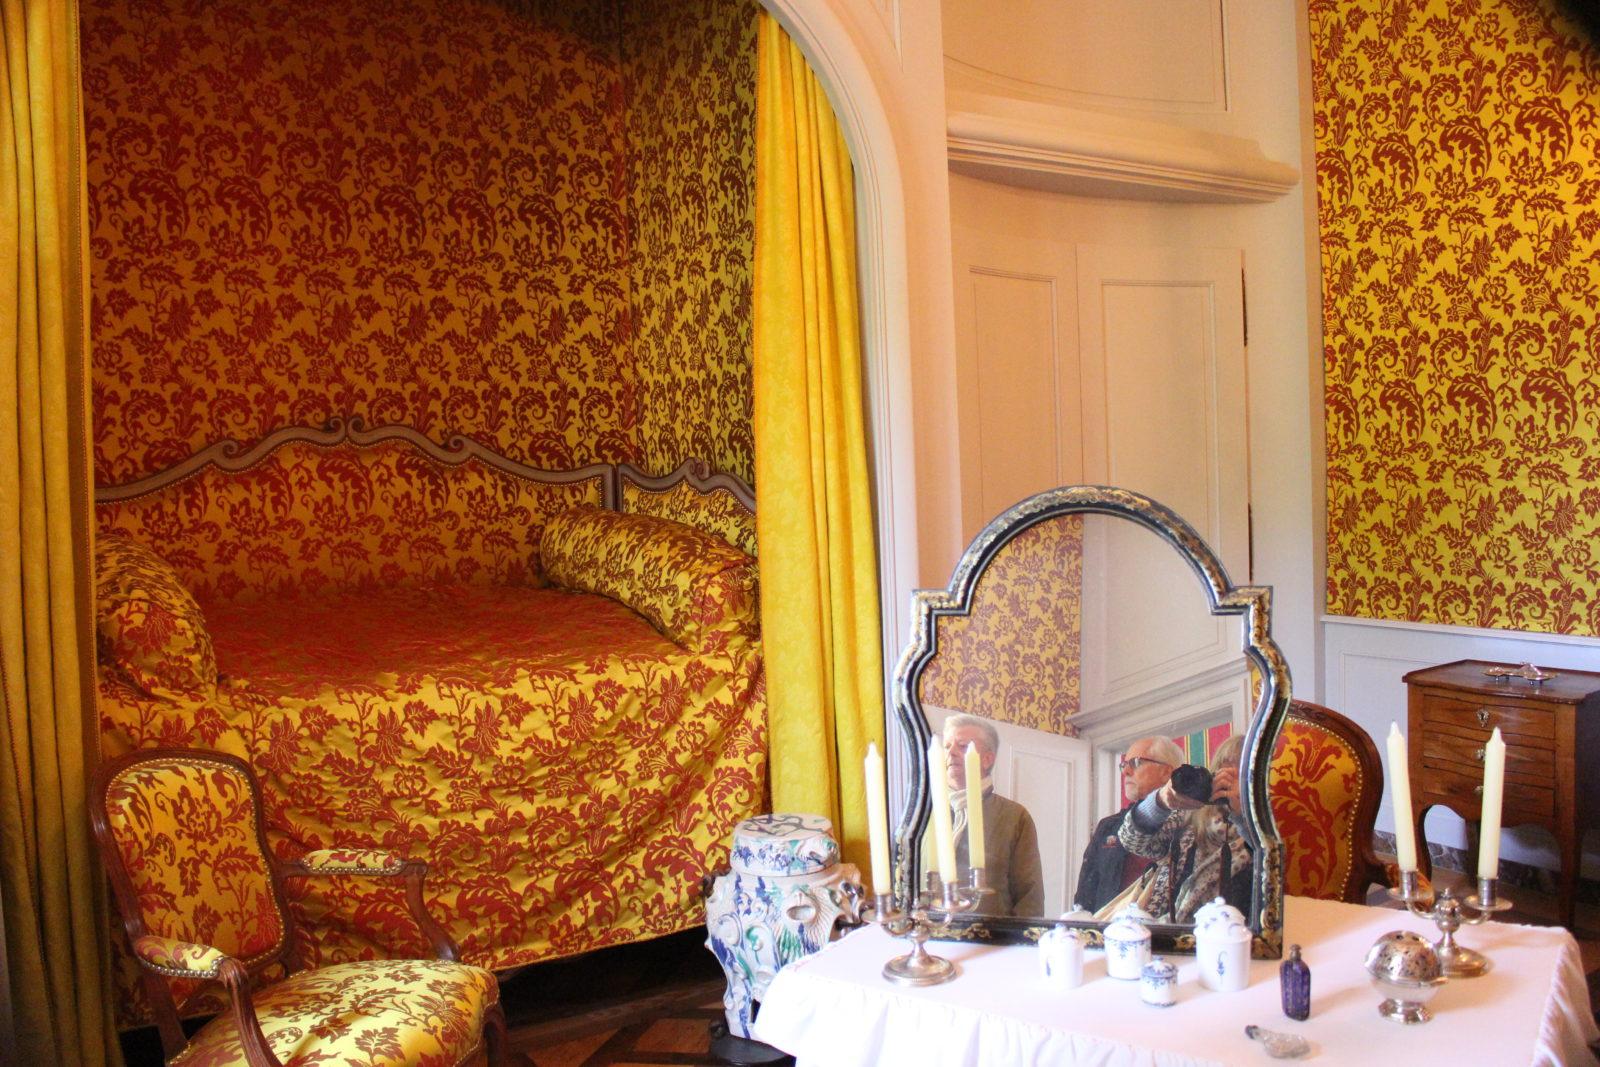 ferney Voltaire Le lit de Madame Denis